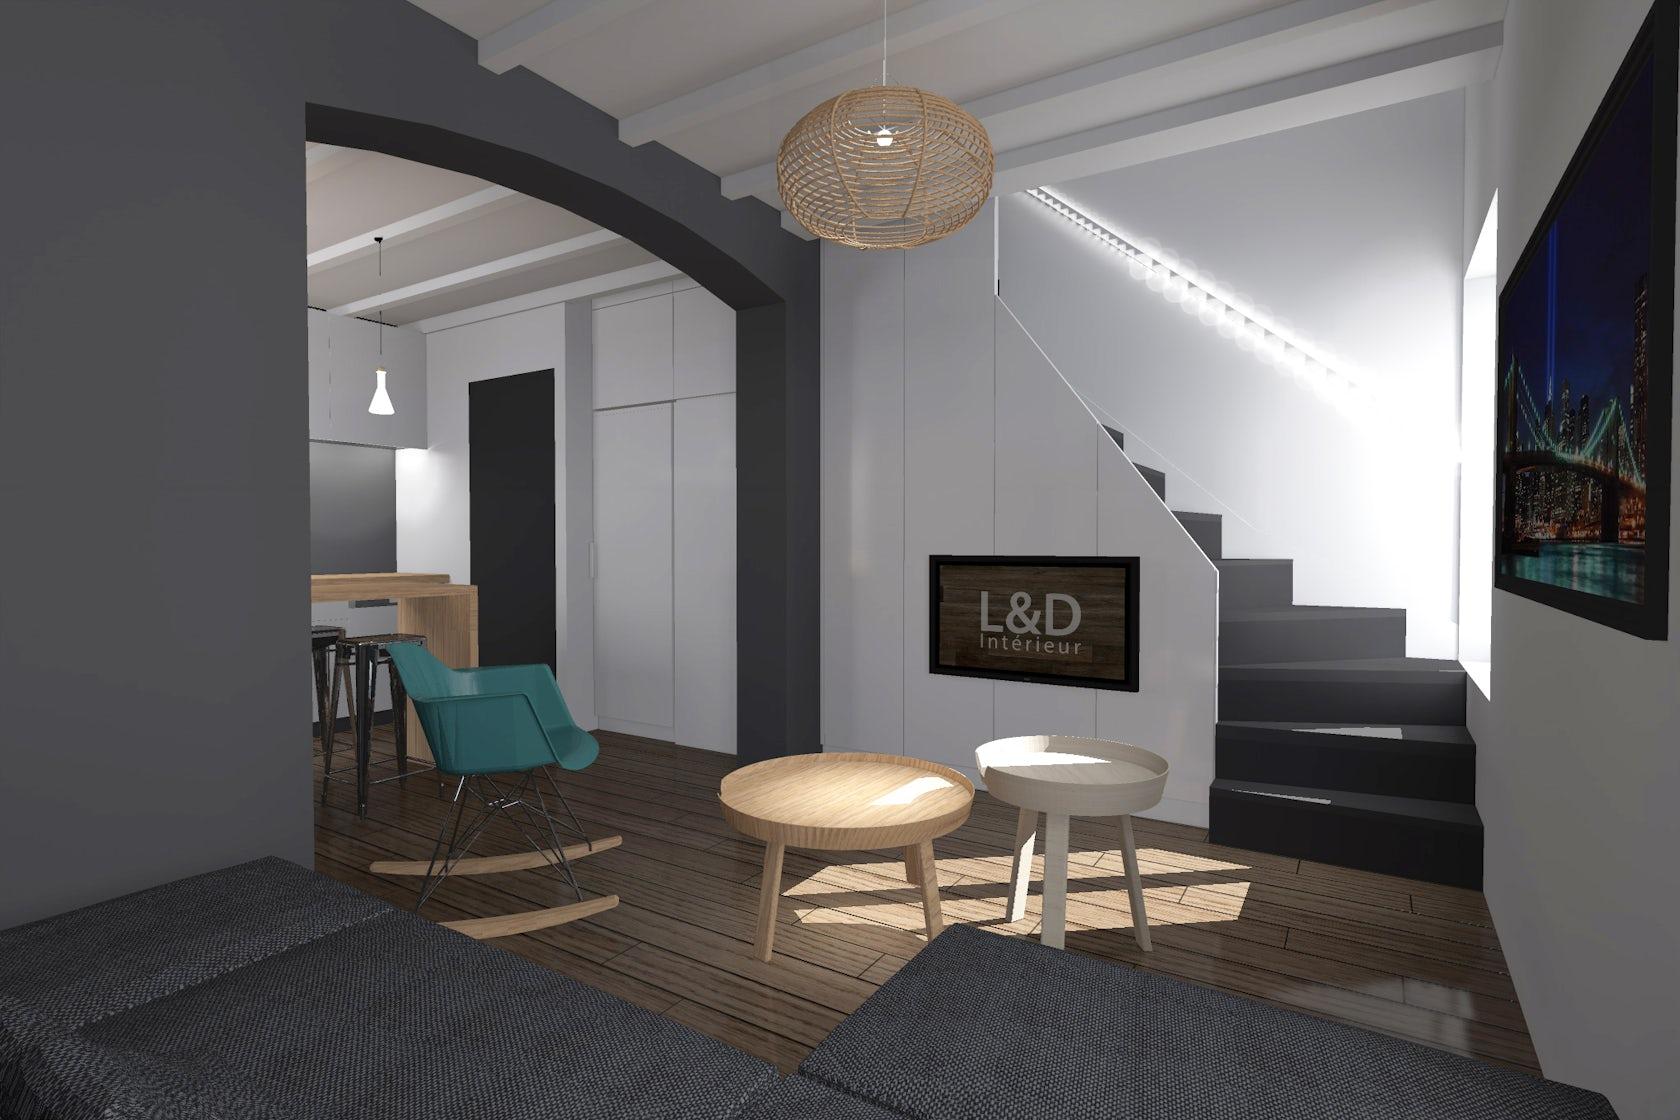 Architecte D Intérieur Lille l&d intérieur on architizer